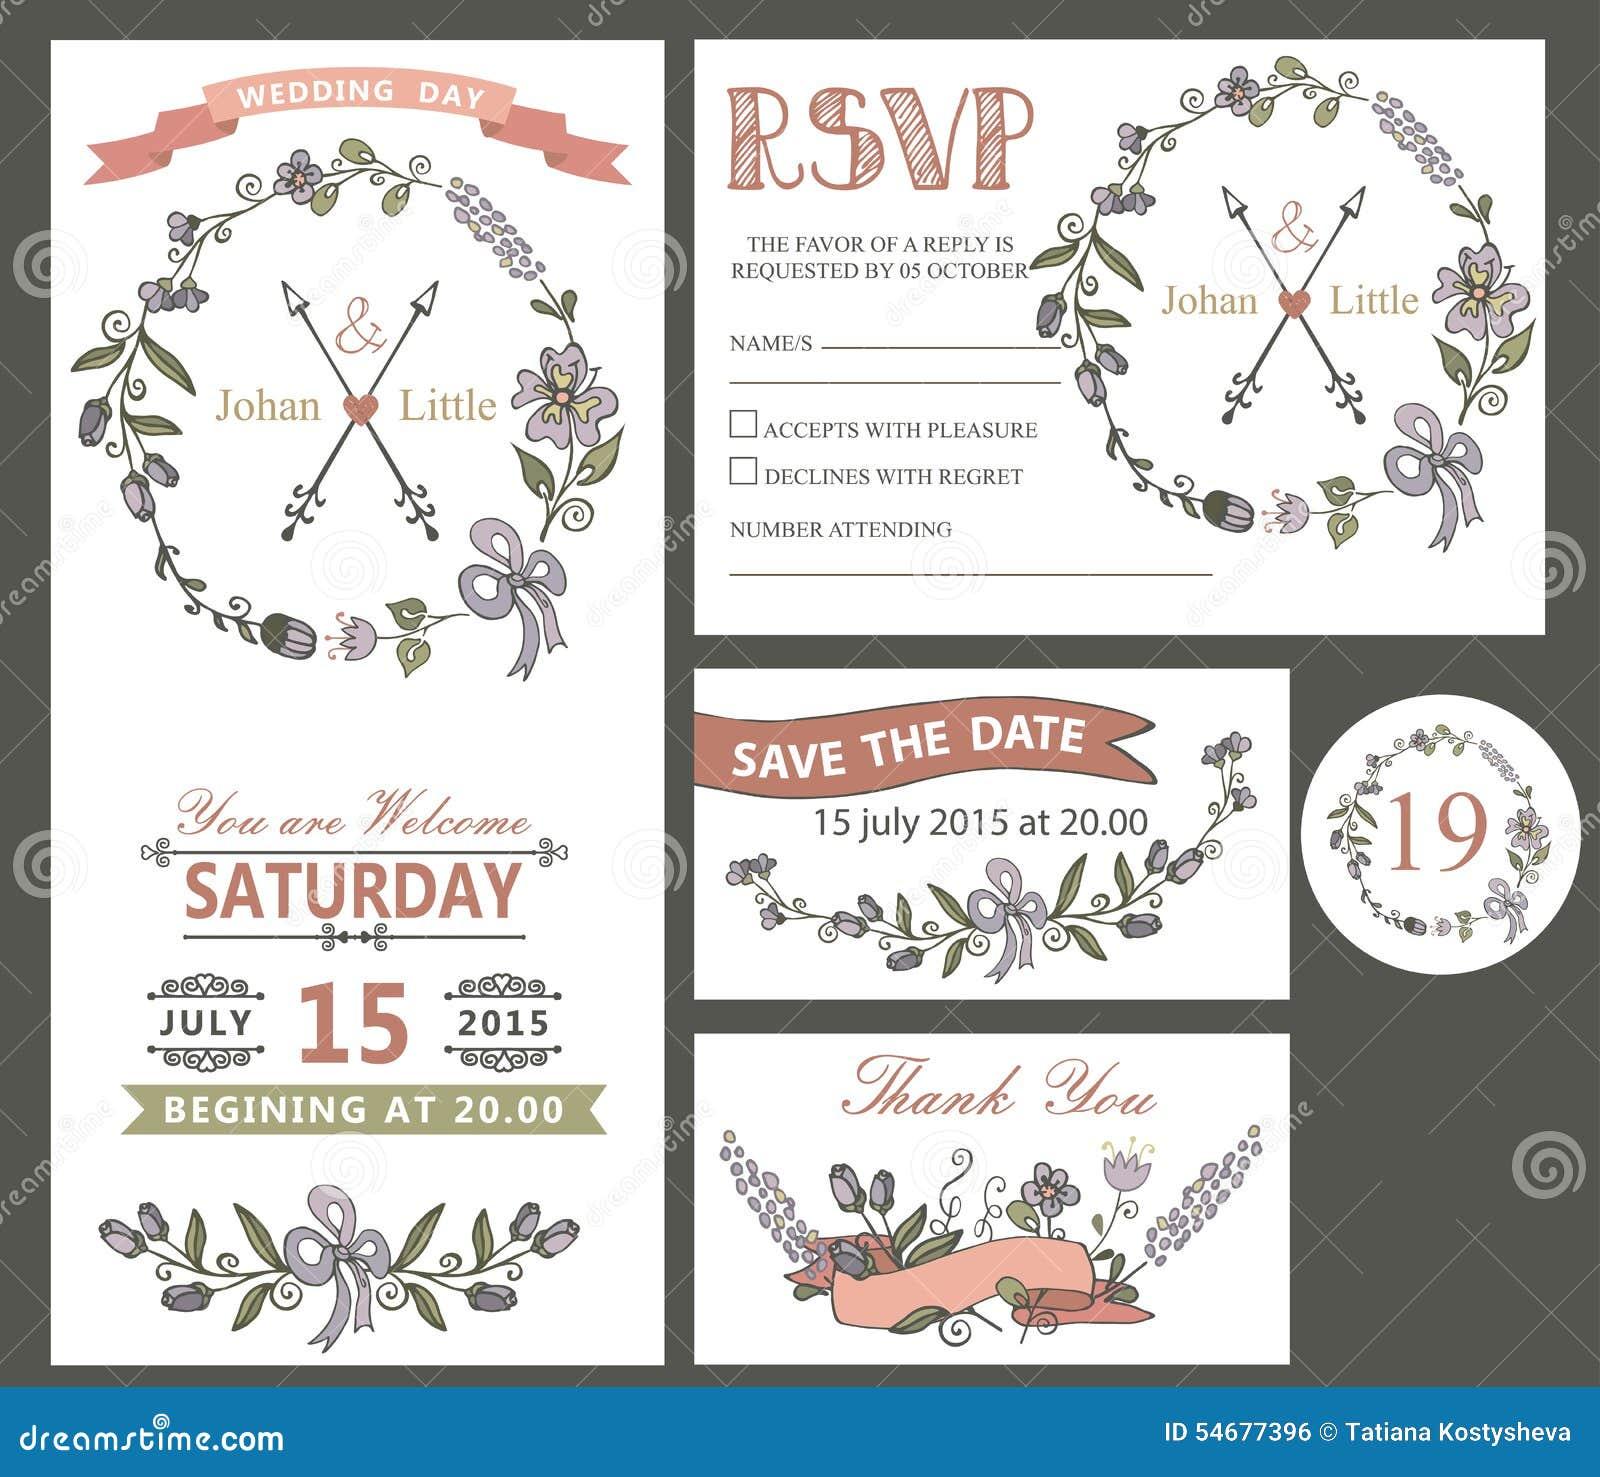 vintage wedding design template set with flowers stock vector image 54677396. Black Bedroom Furniture Sets. Home Design Ideas